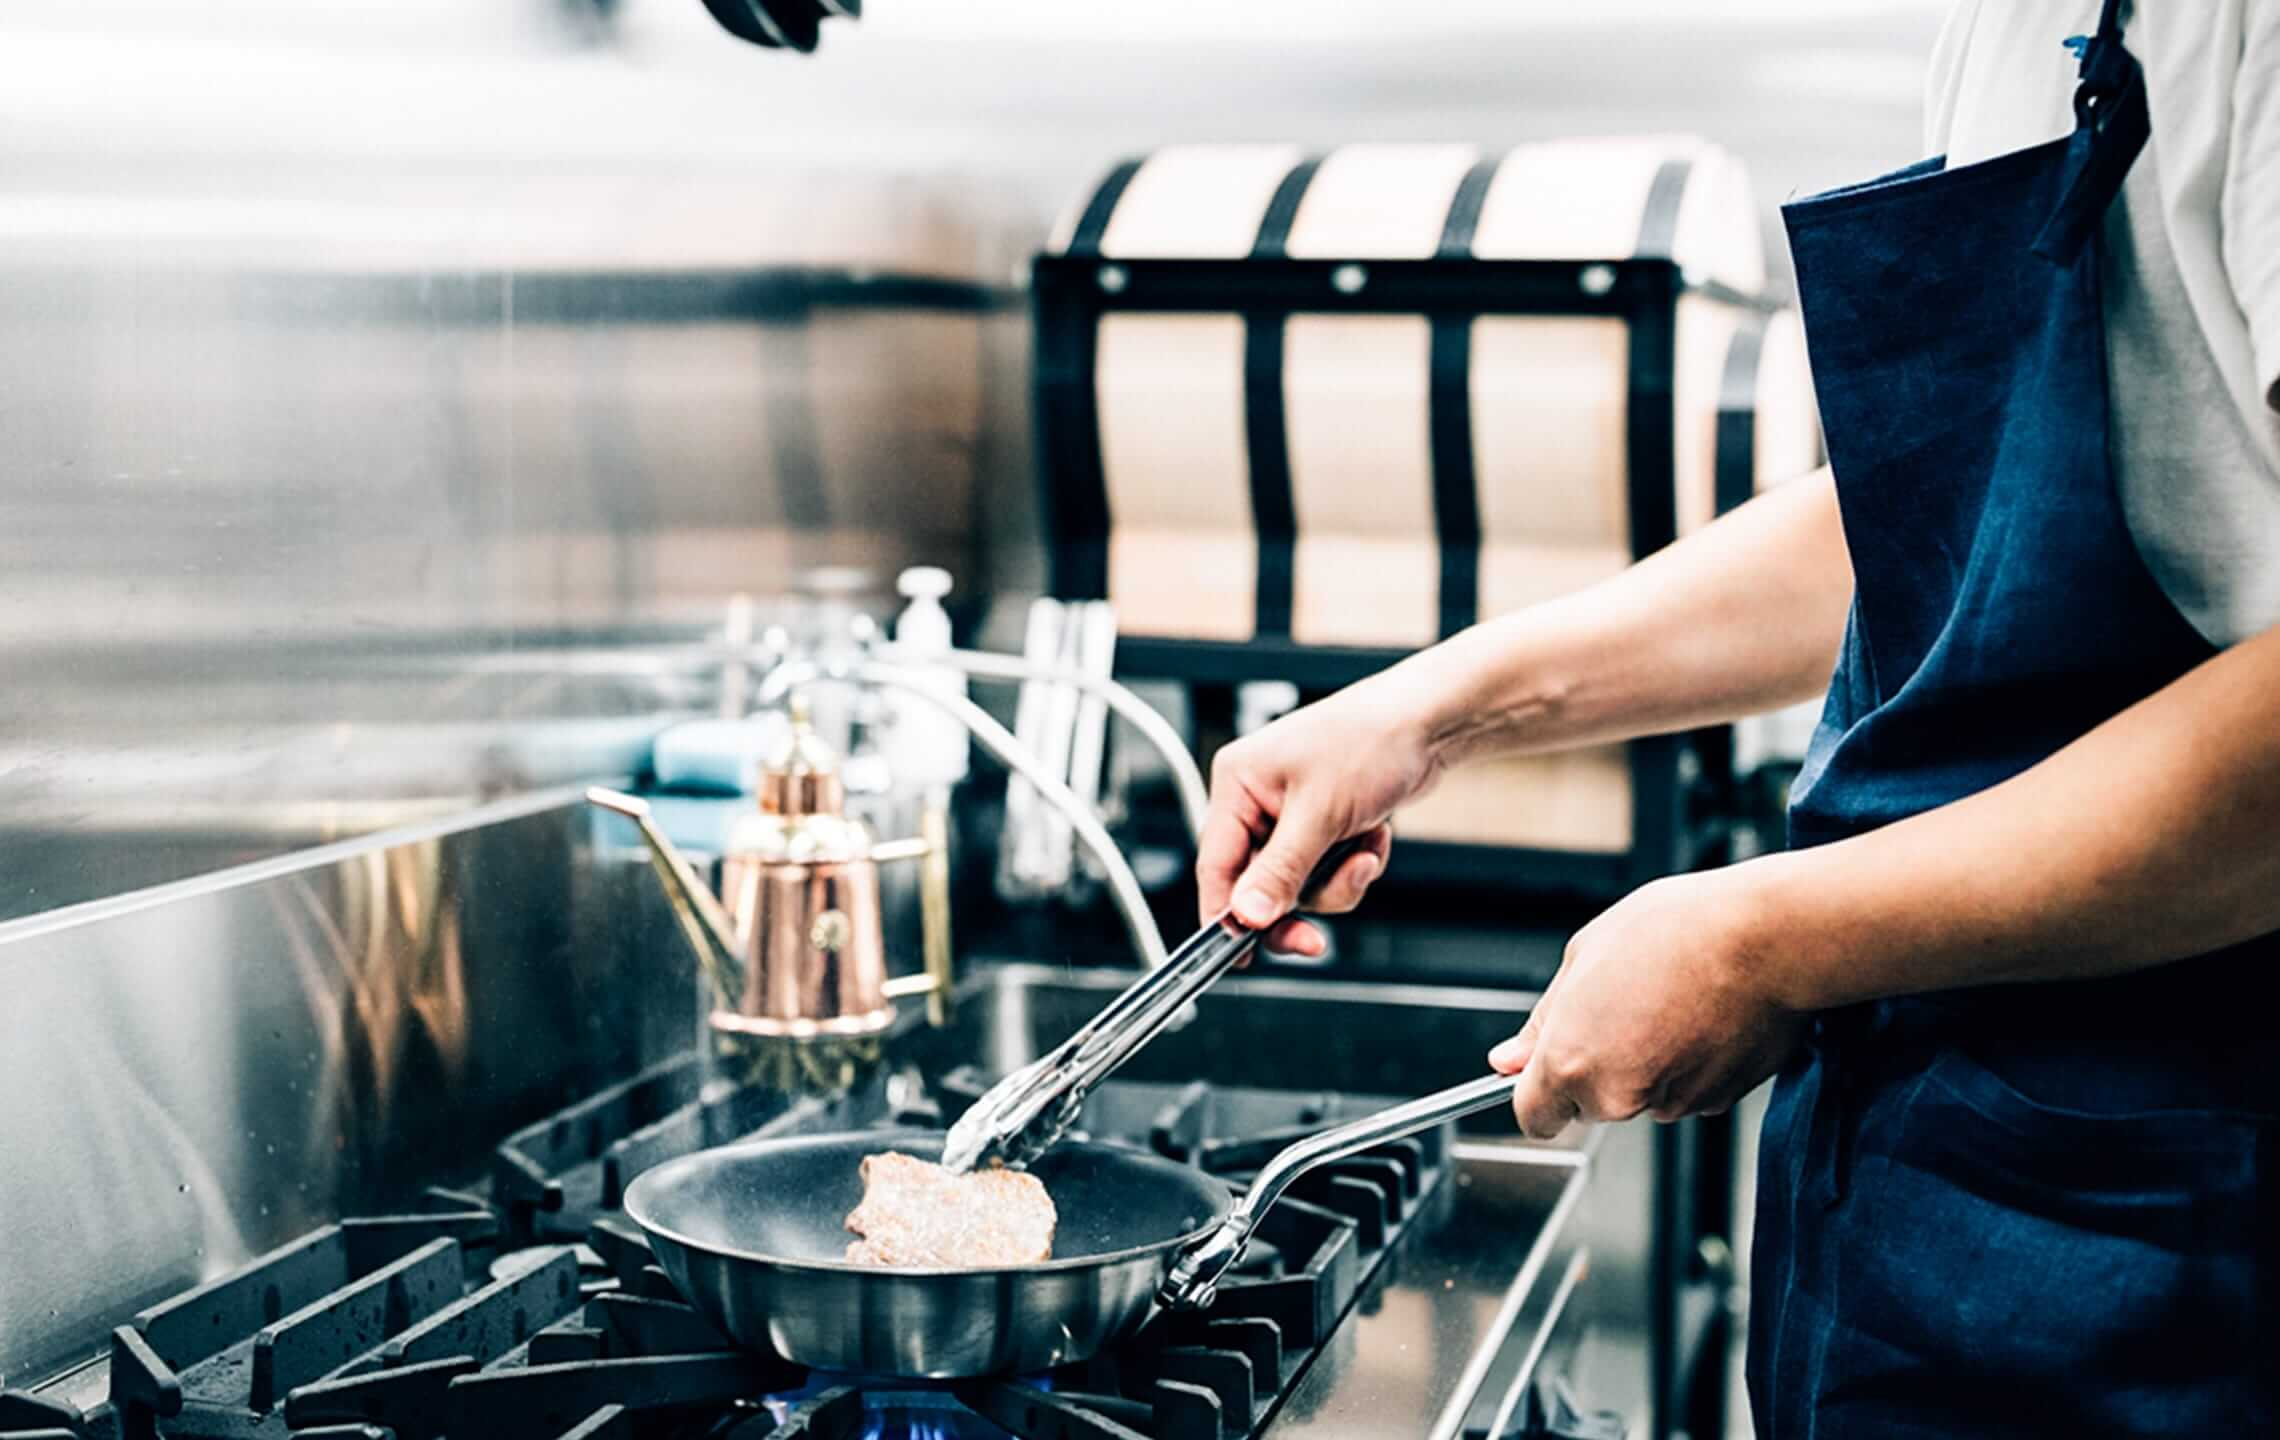 厨房でお肉を調理中の画像